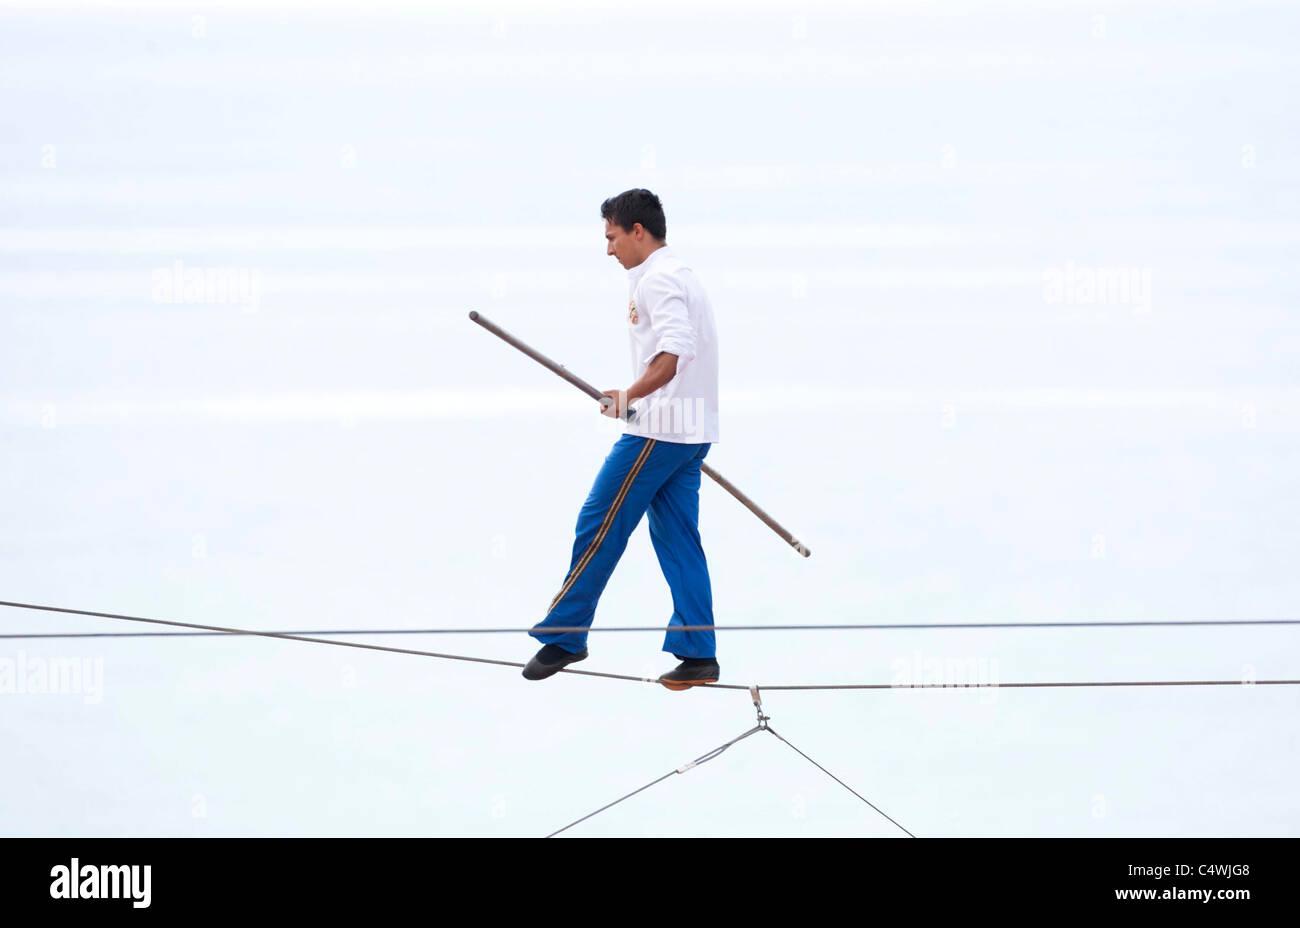 High Wire Walker Chico Marinhos Stock Photos & High Wire Walker ...